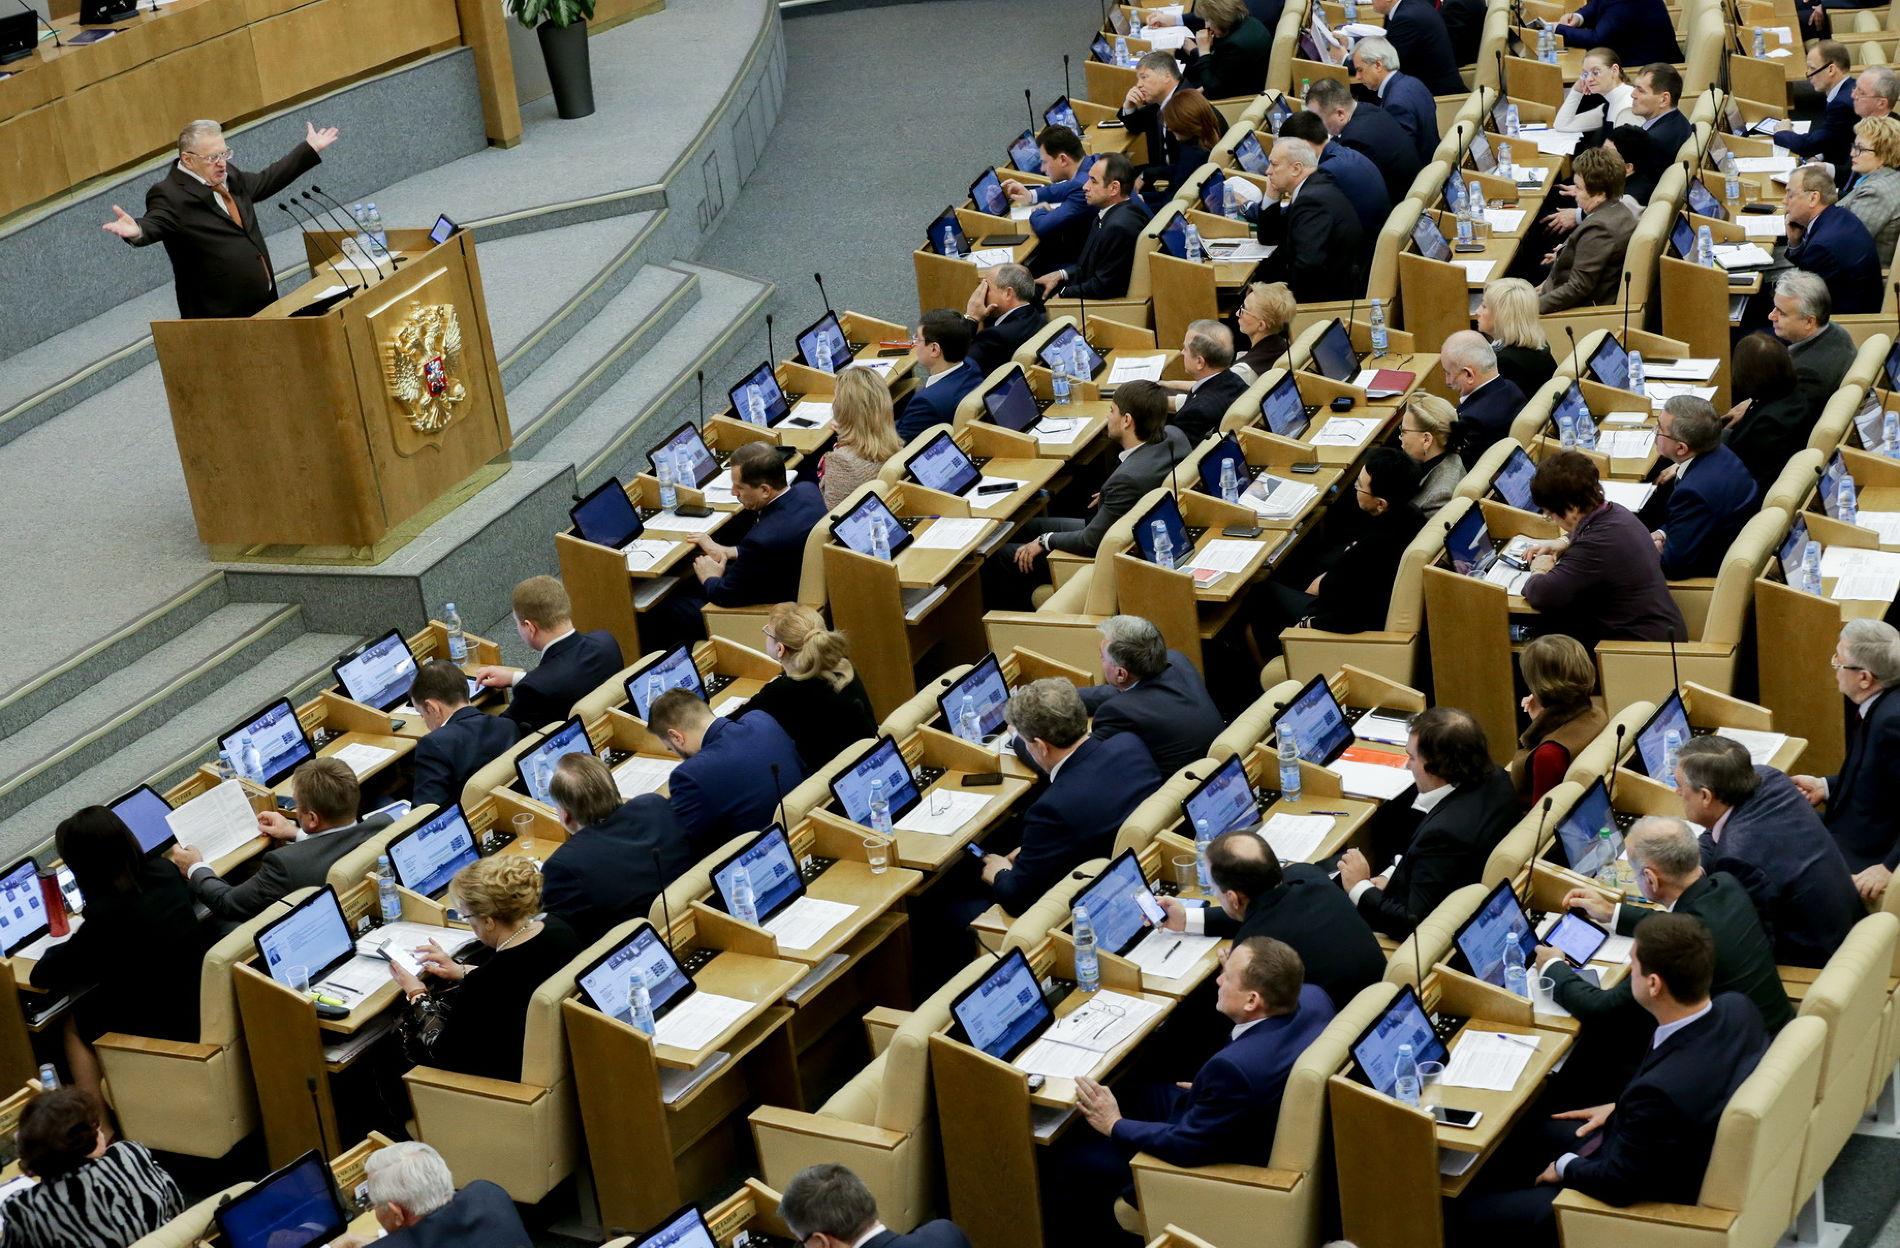 ВНовосибирске оппозиция проинформировала оразрешении суда провести митинг